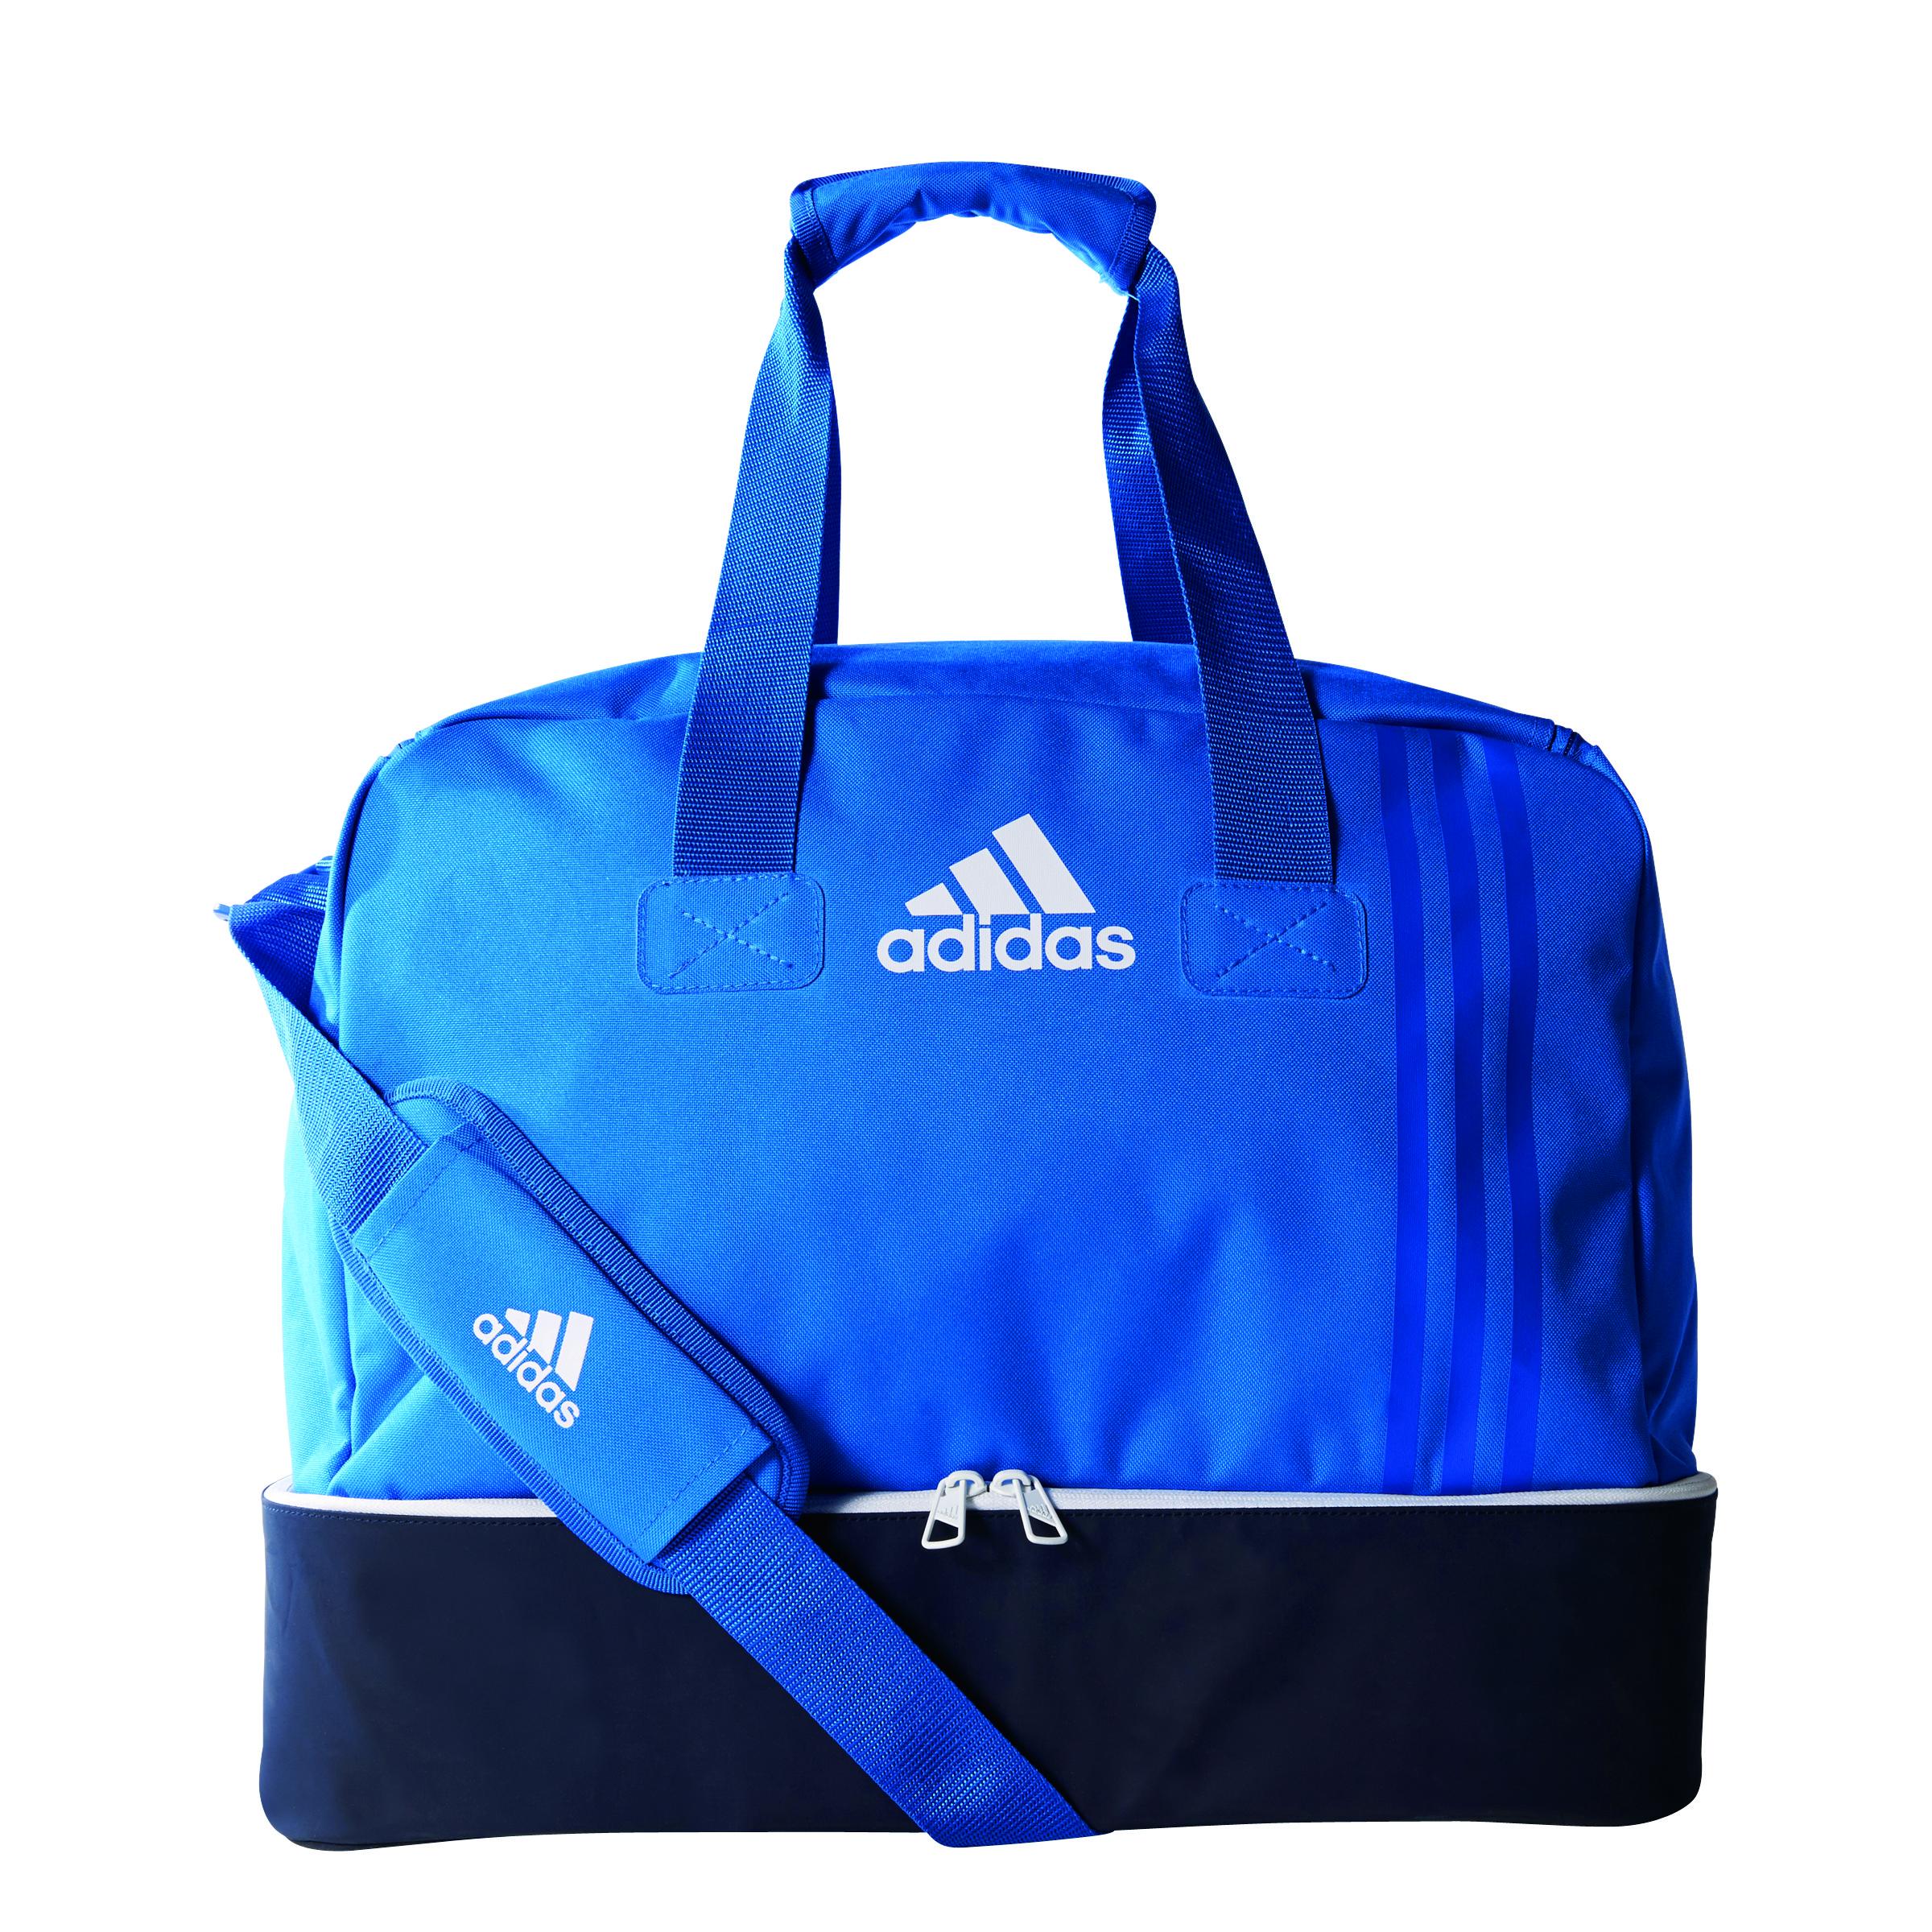 0a4fddf89ea0c adidas Tiro Teambag Sporttaschen mit Bodenfach Schuhfach Small Medium Large